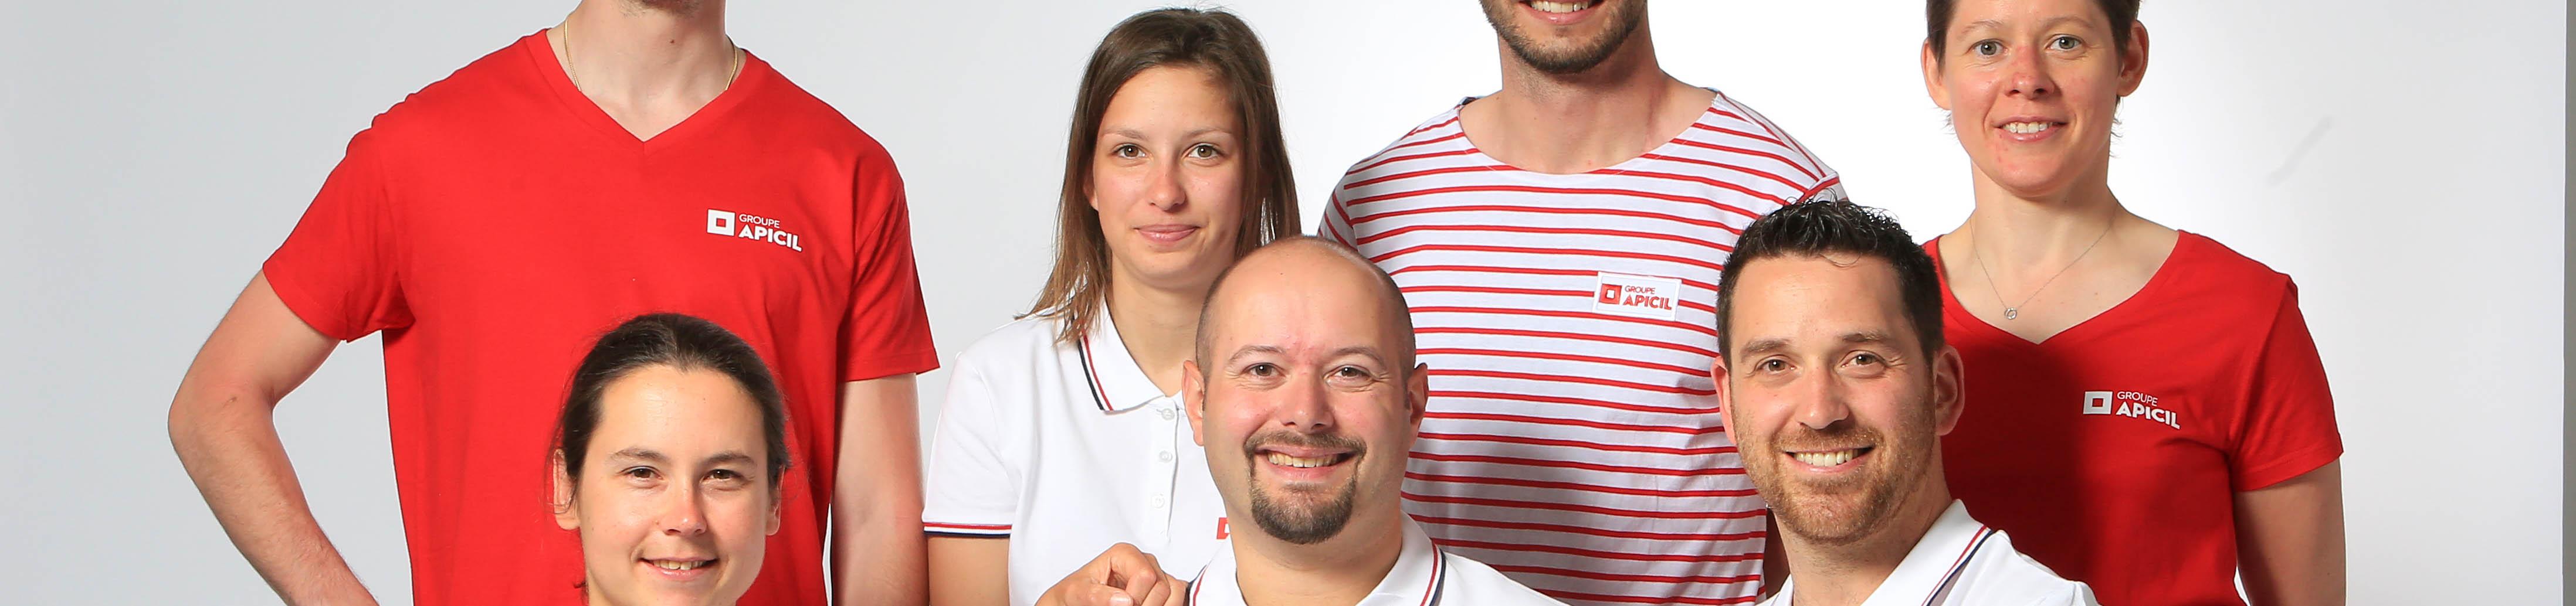 Team APICIL | Groupe APICIL